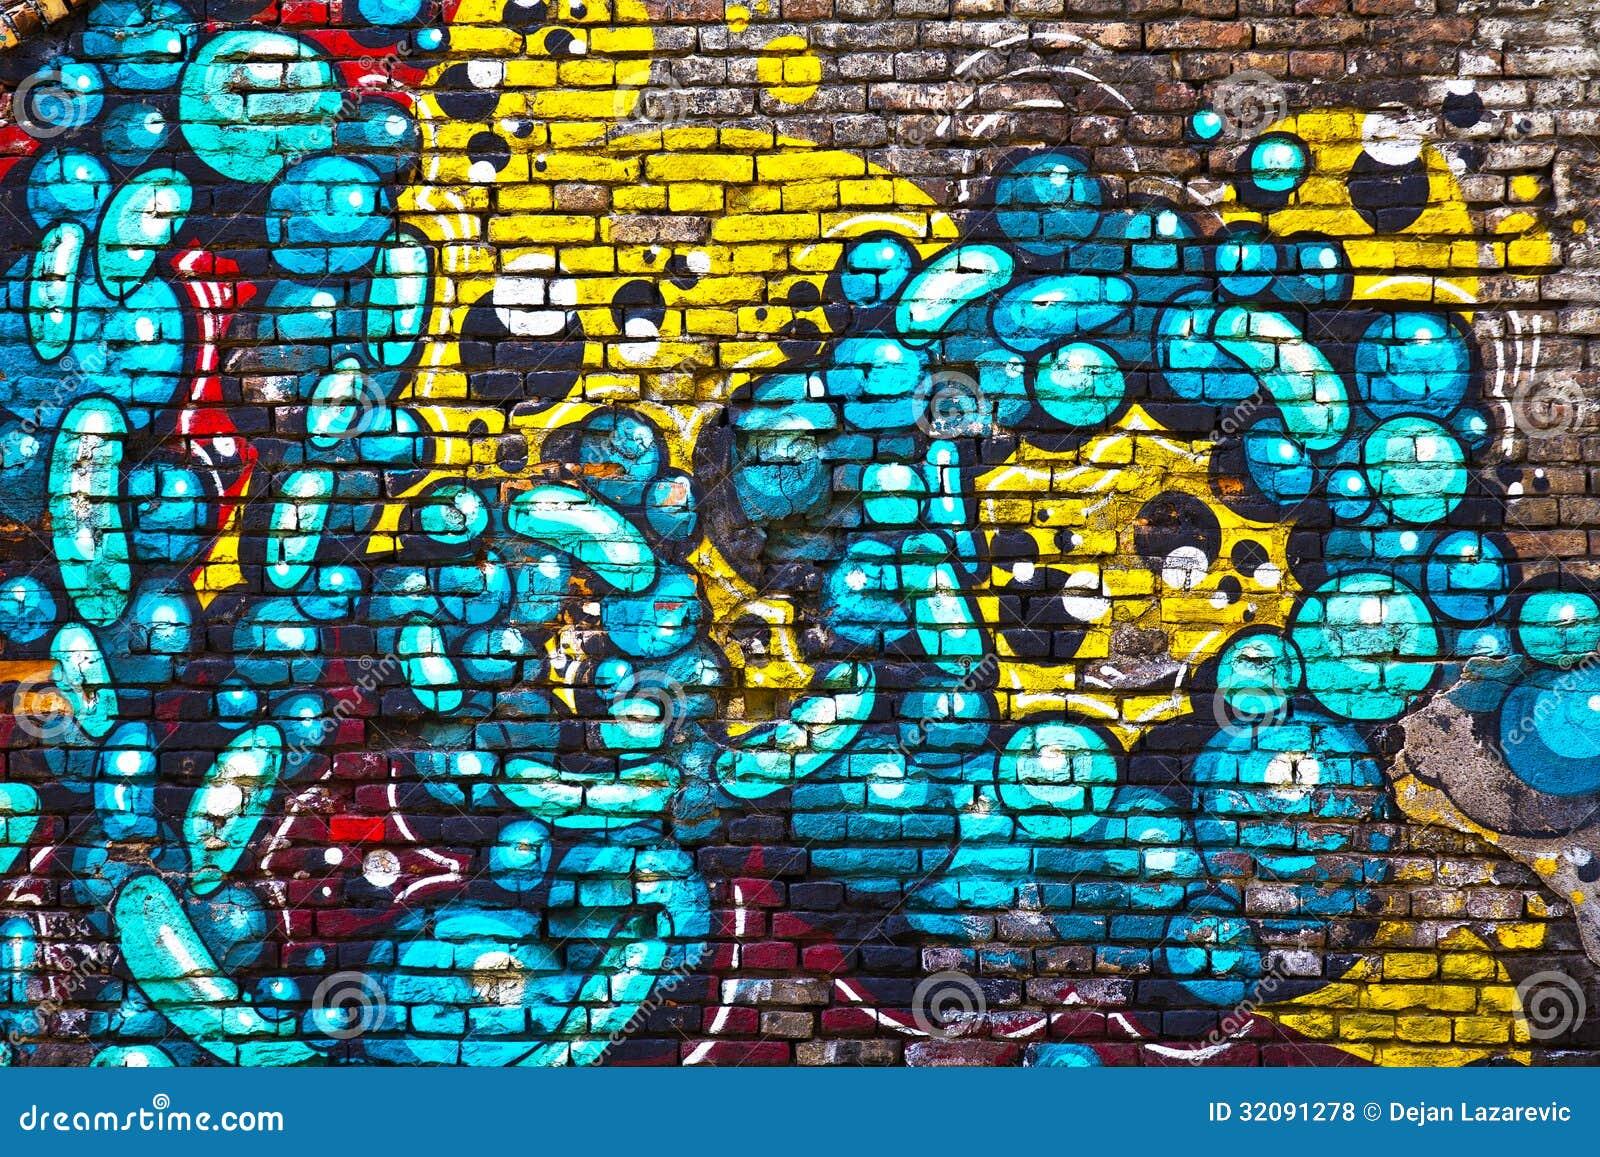 Photo Graffiti Generator Graffiti - Mazy